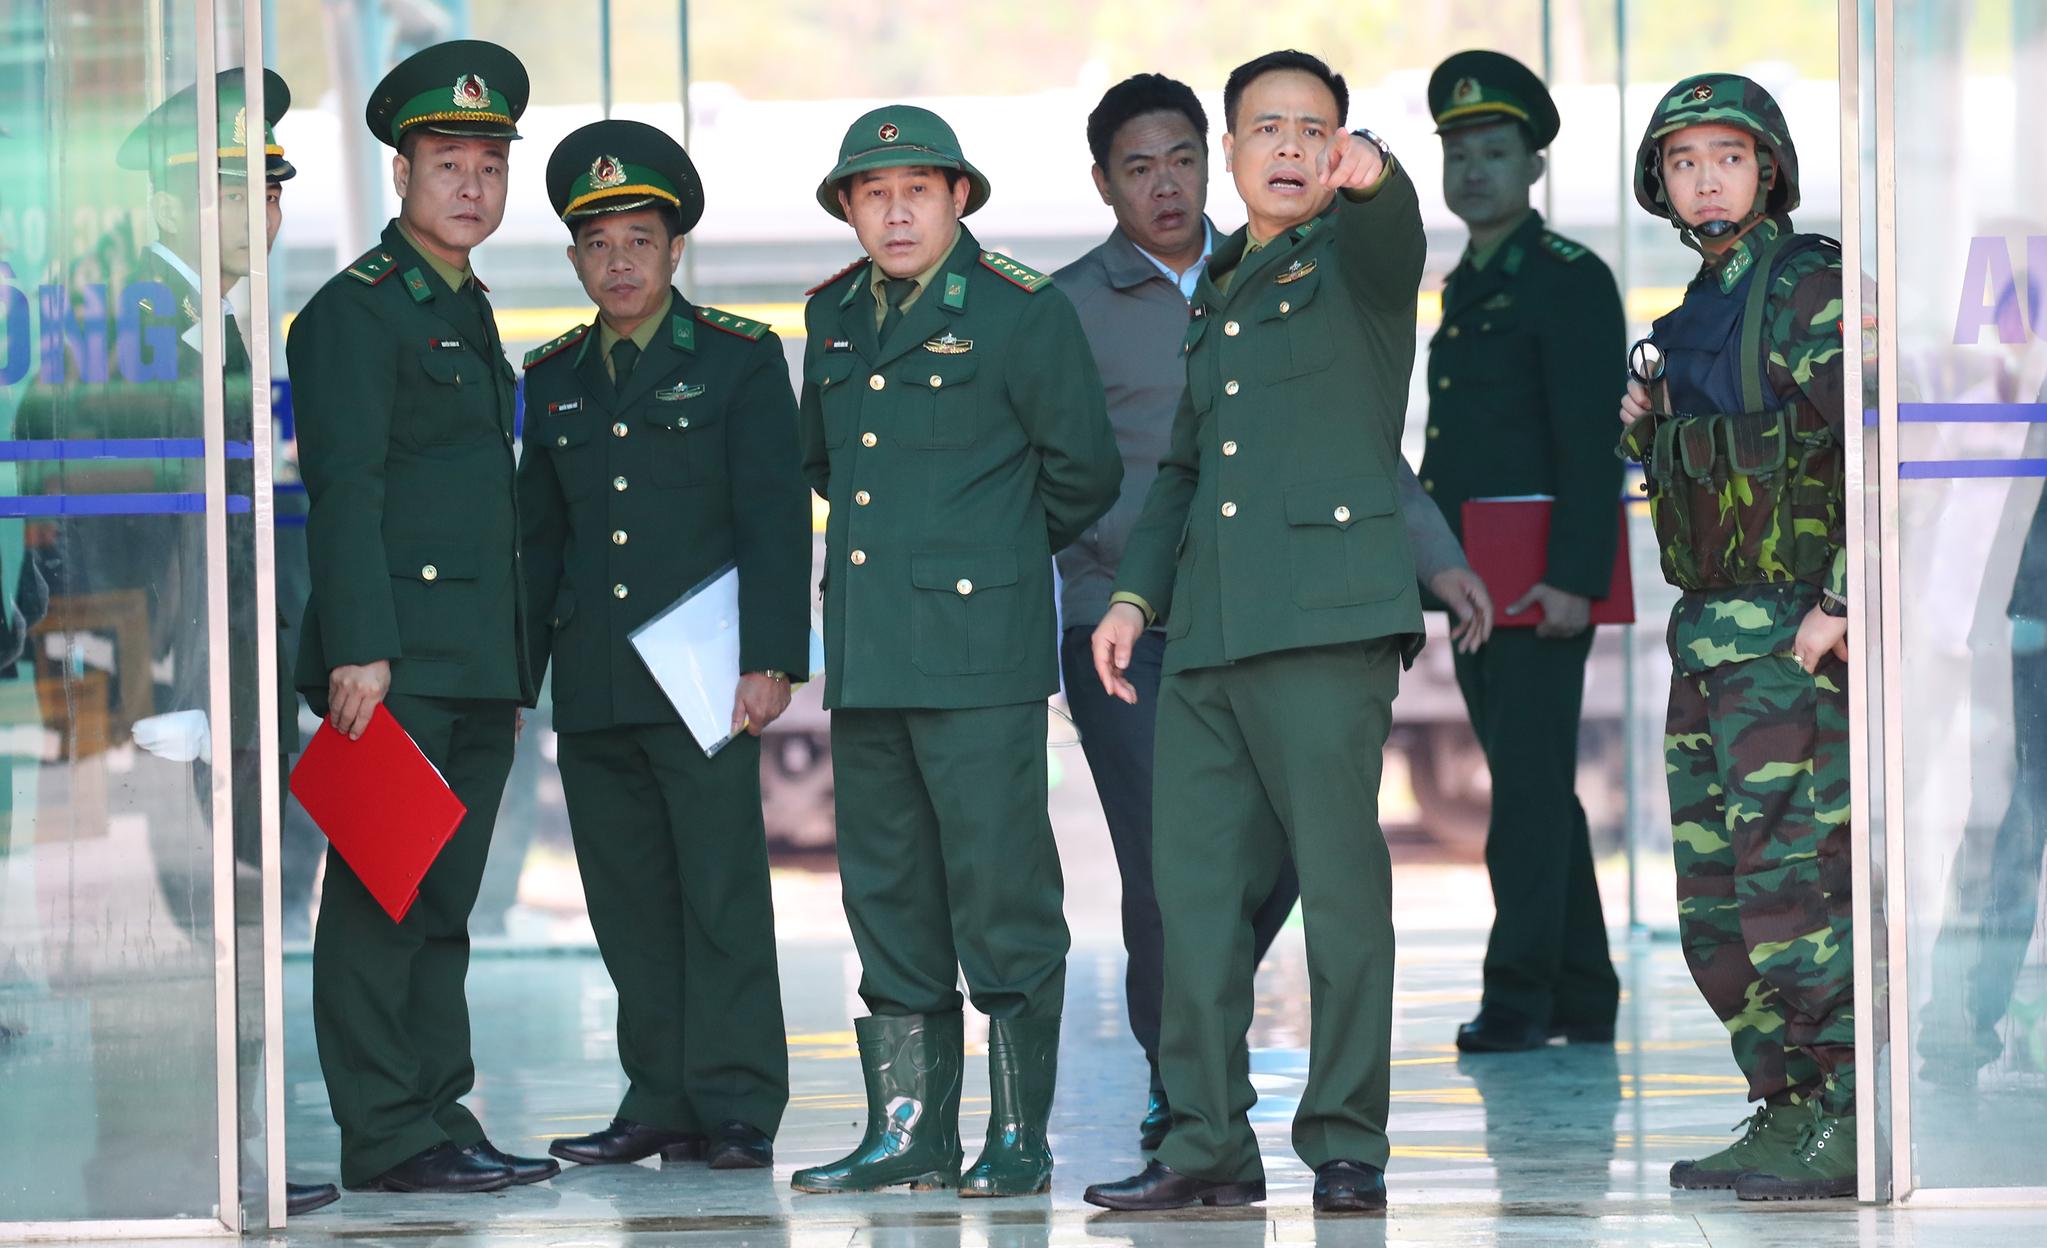 북미정상회담을 나흘 앞둔 23일(현지시간) 오후 중국과 접경지역인 베트남 랑선성 동당역에서 현지 군관계자들이 취재진의 접근을 막고 있다. [연합뉴스]